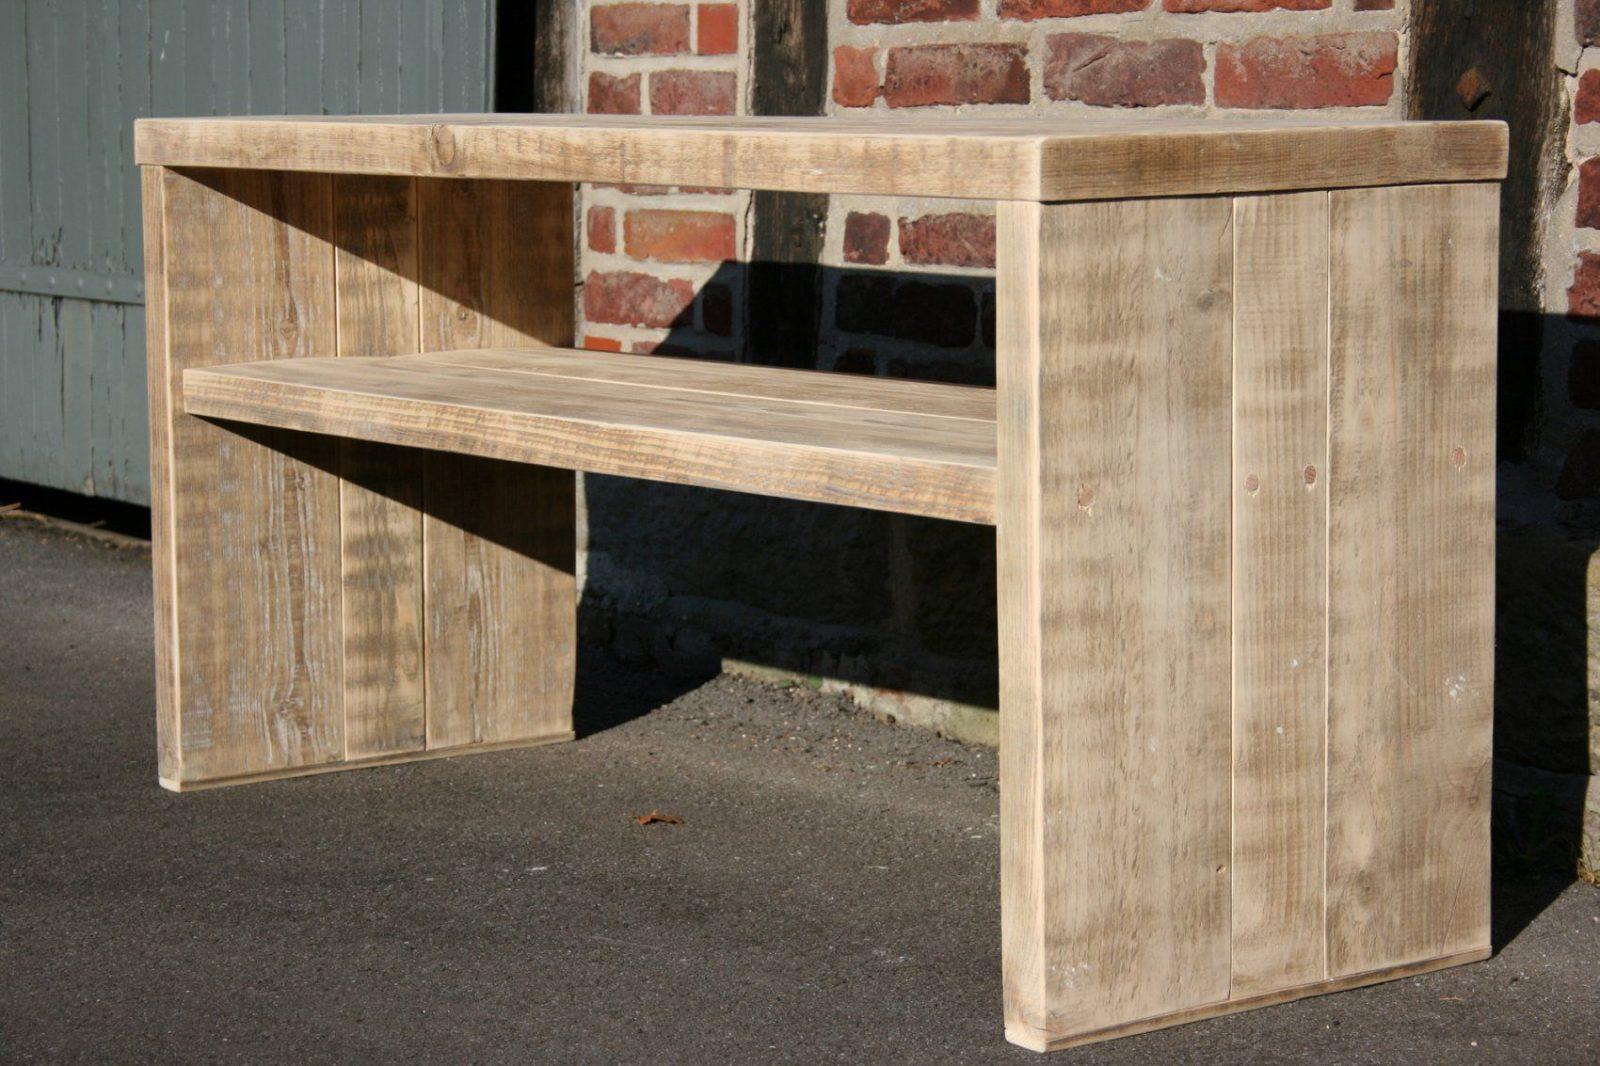 Möbel Aus Bauholz Selber Bauen  Die Besten Einrichtungsideen Und von Möbel Aus Bauholz Selber Bauen Photo